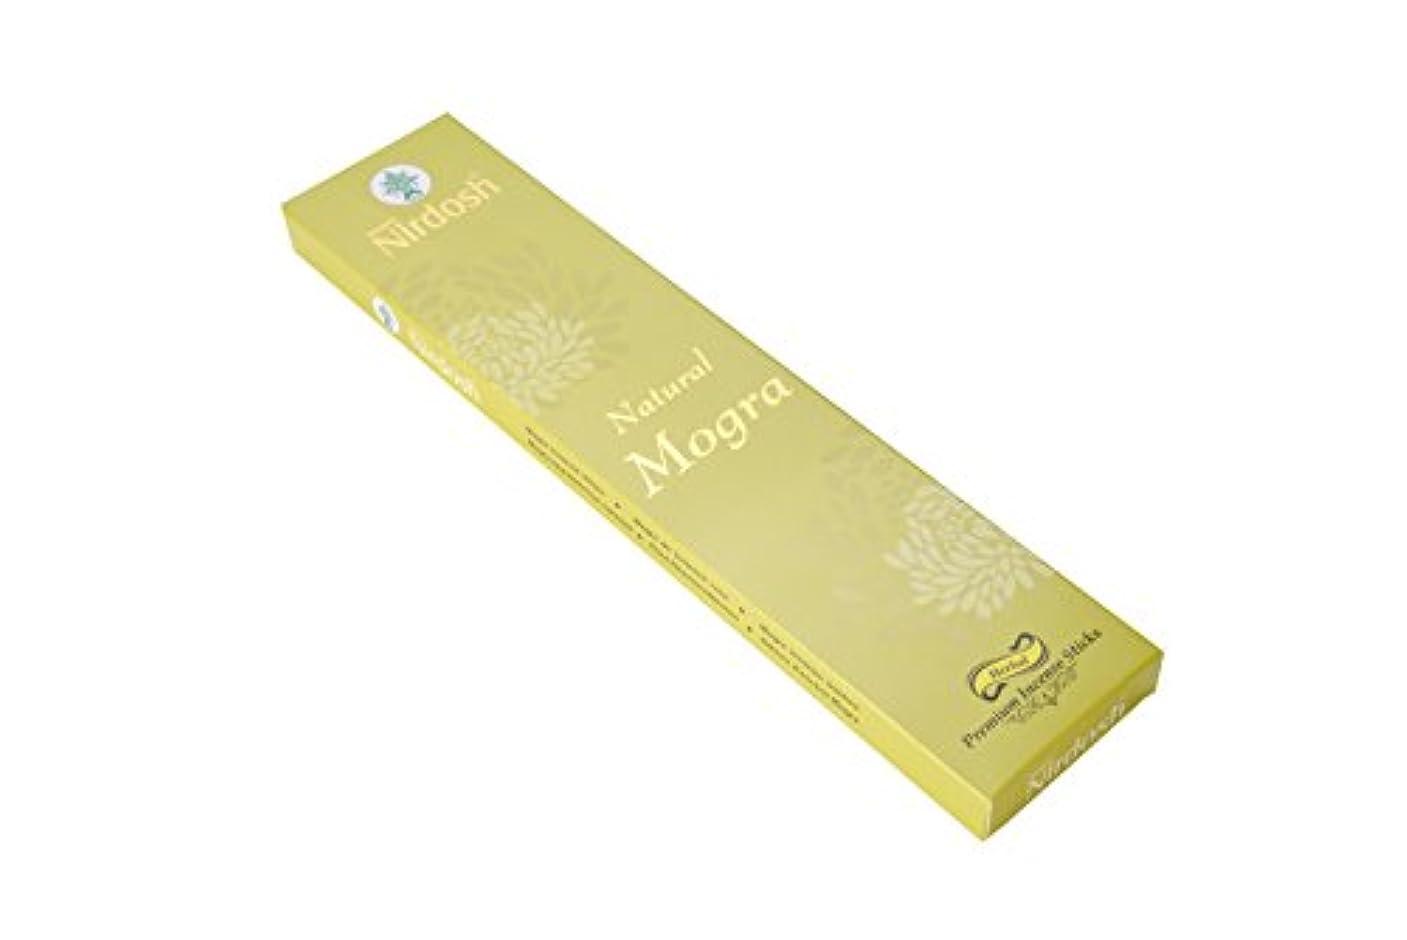 後方にオリエンタル新しい意味Nirdosh Premium Herbal Incense Sticks – Natural Mogra味100 g。12インチLong ( Pack of 2 ) with 1 Free木製お香ホルダー